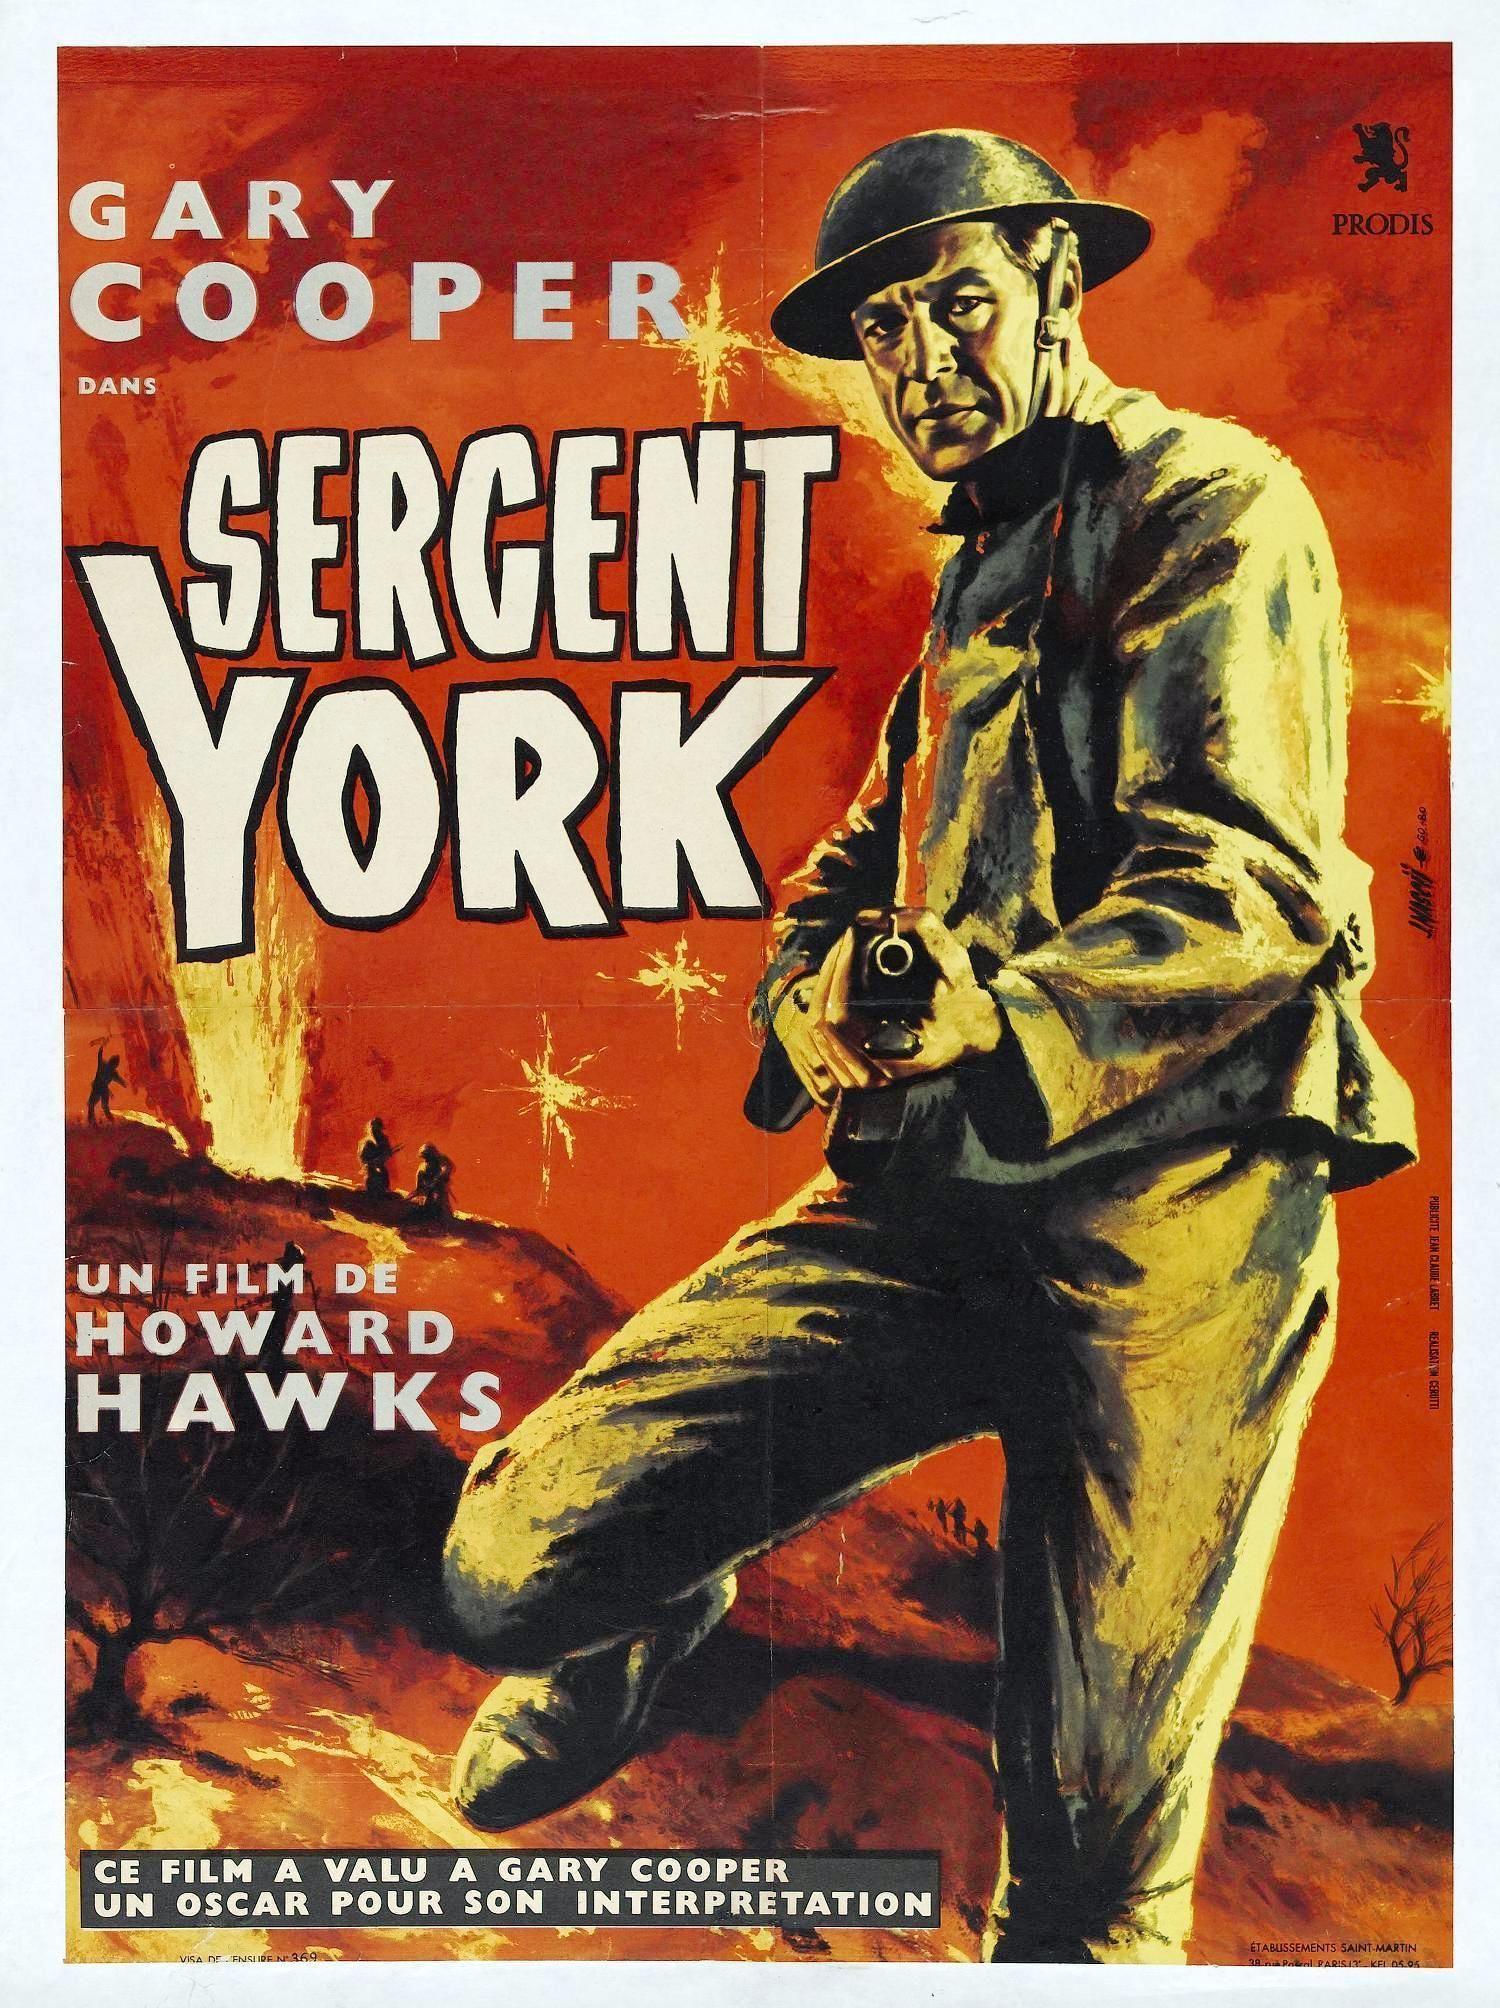 Sergent York 1941 En Streaming Film Complet Vf Youwatch Vk Filmstreaming Hd Com Affiche De Film Films Complets 1941 Film